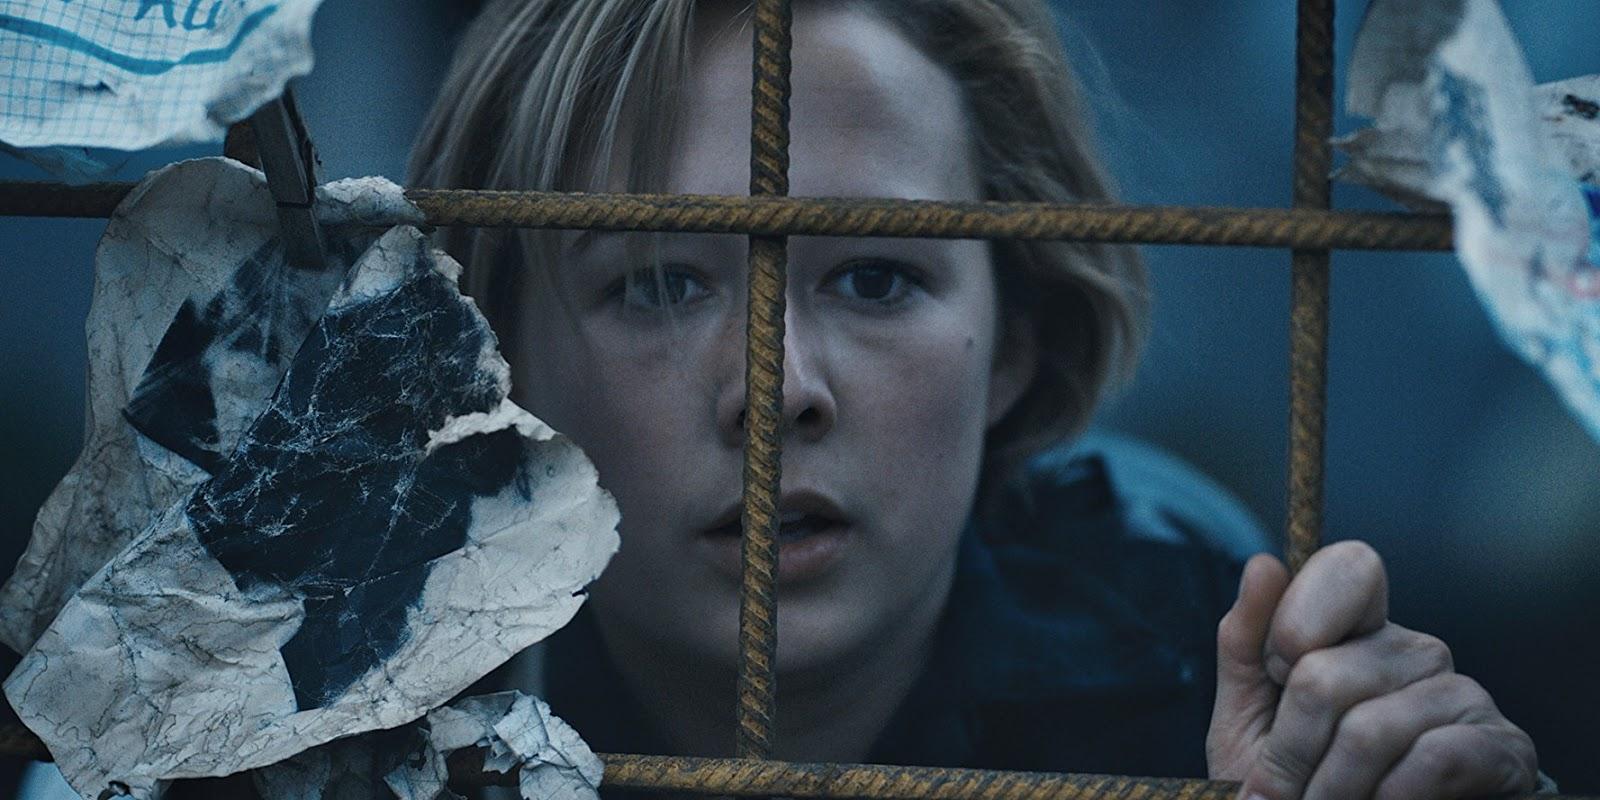 Alba August interpreta a la protagonista Simone en The Rain